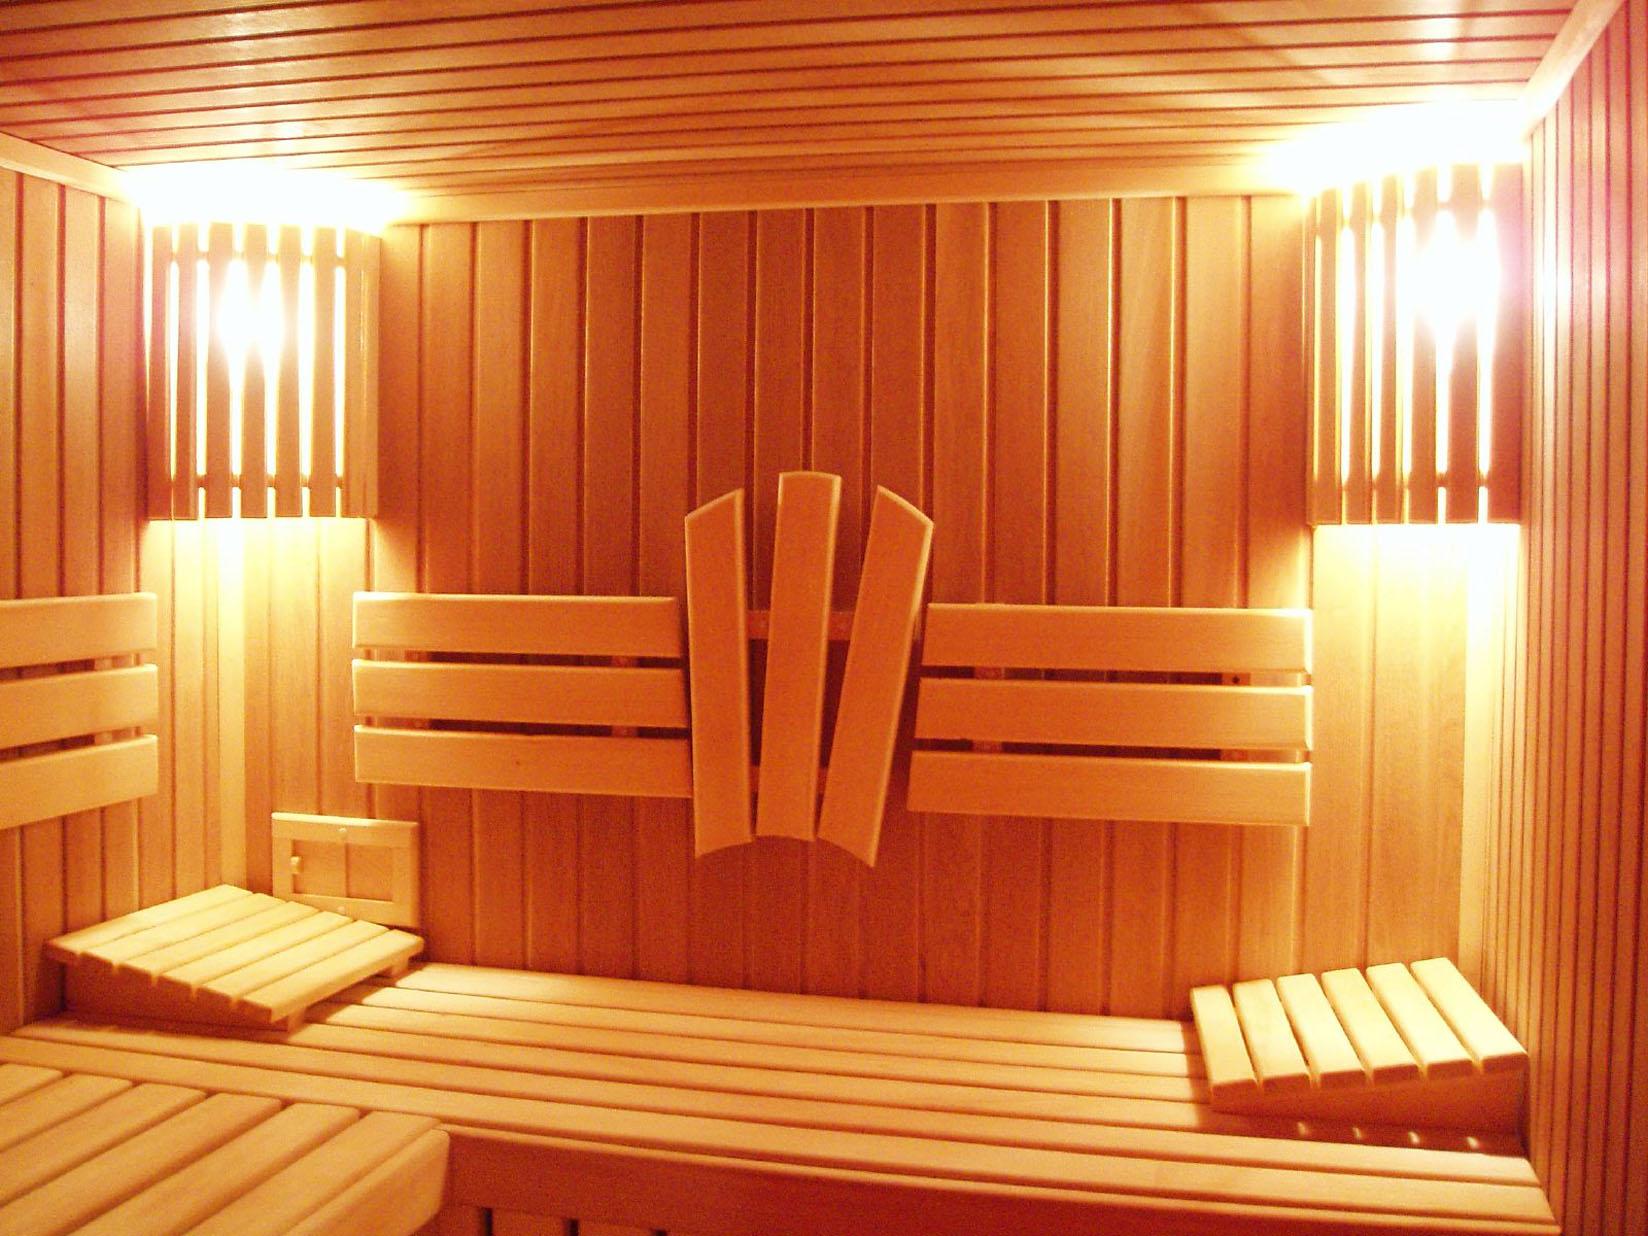 Фото в пред банике, Дизайн предбанника - Строим баню или сауну 23 фотография